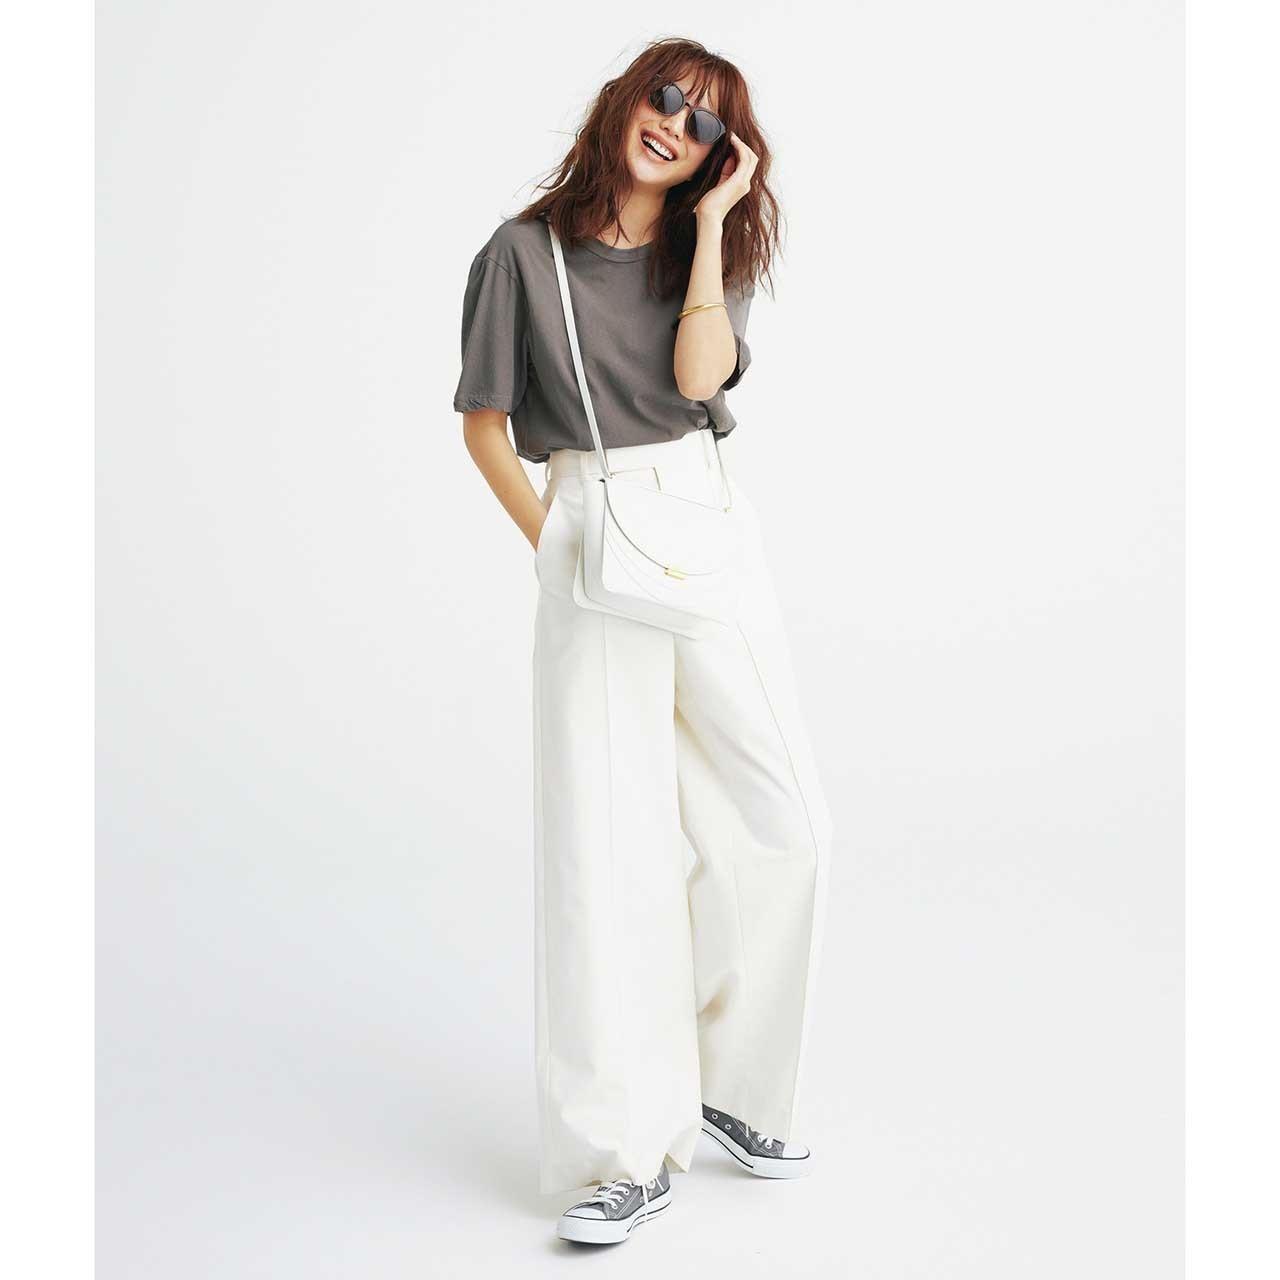 グレーのTシャツ×腰高ワイドの白パンツのモノトーンコーデ